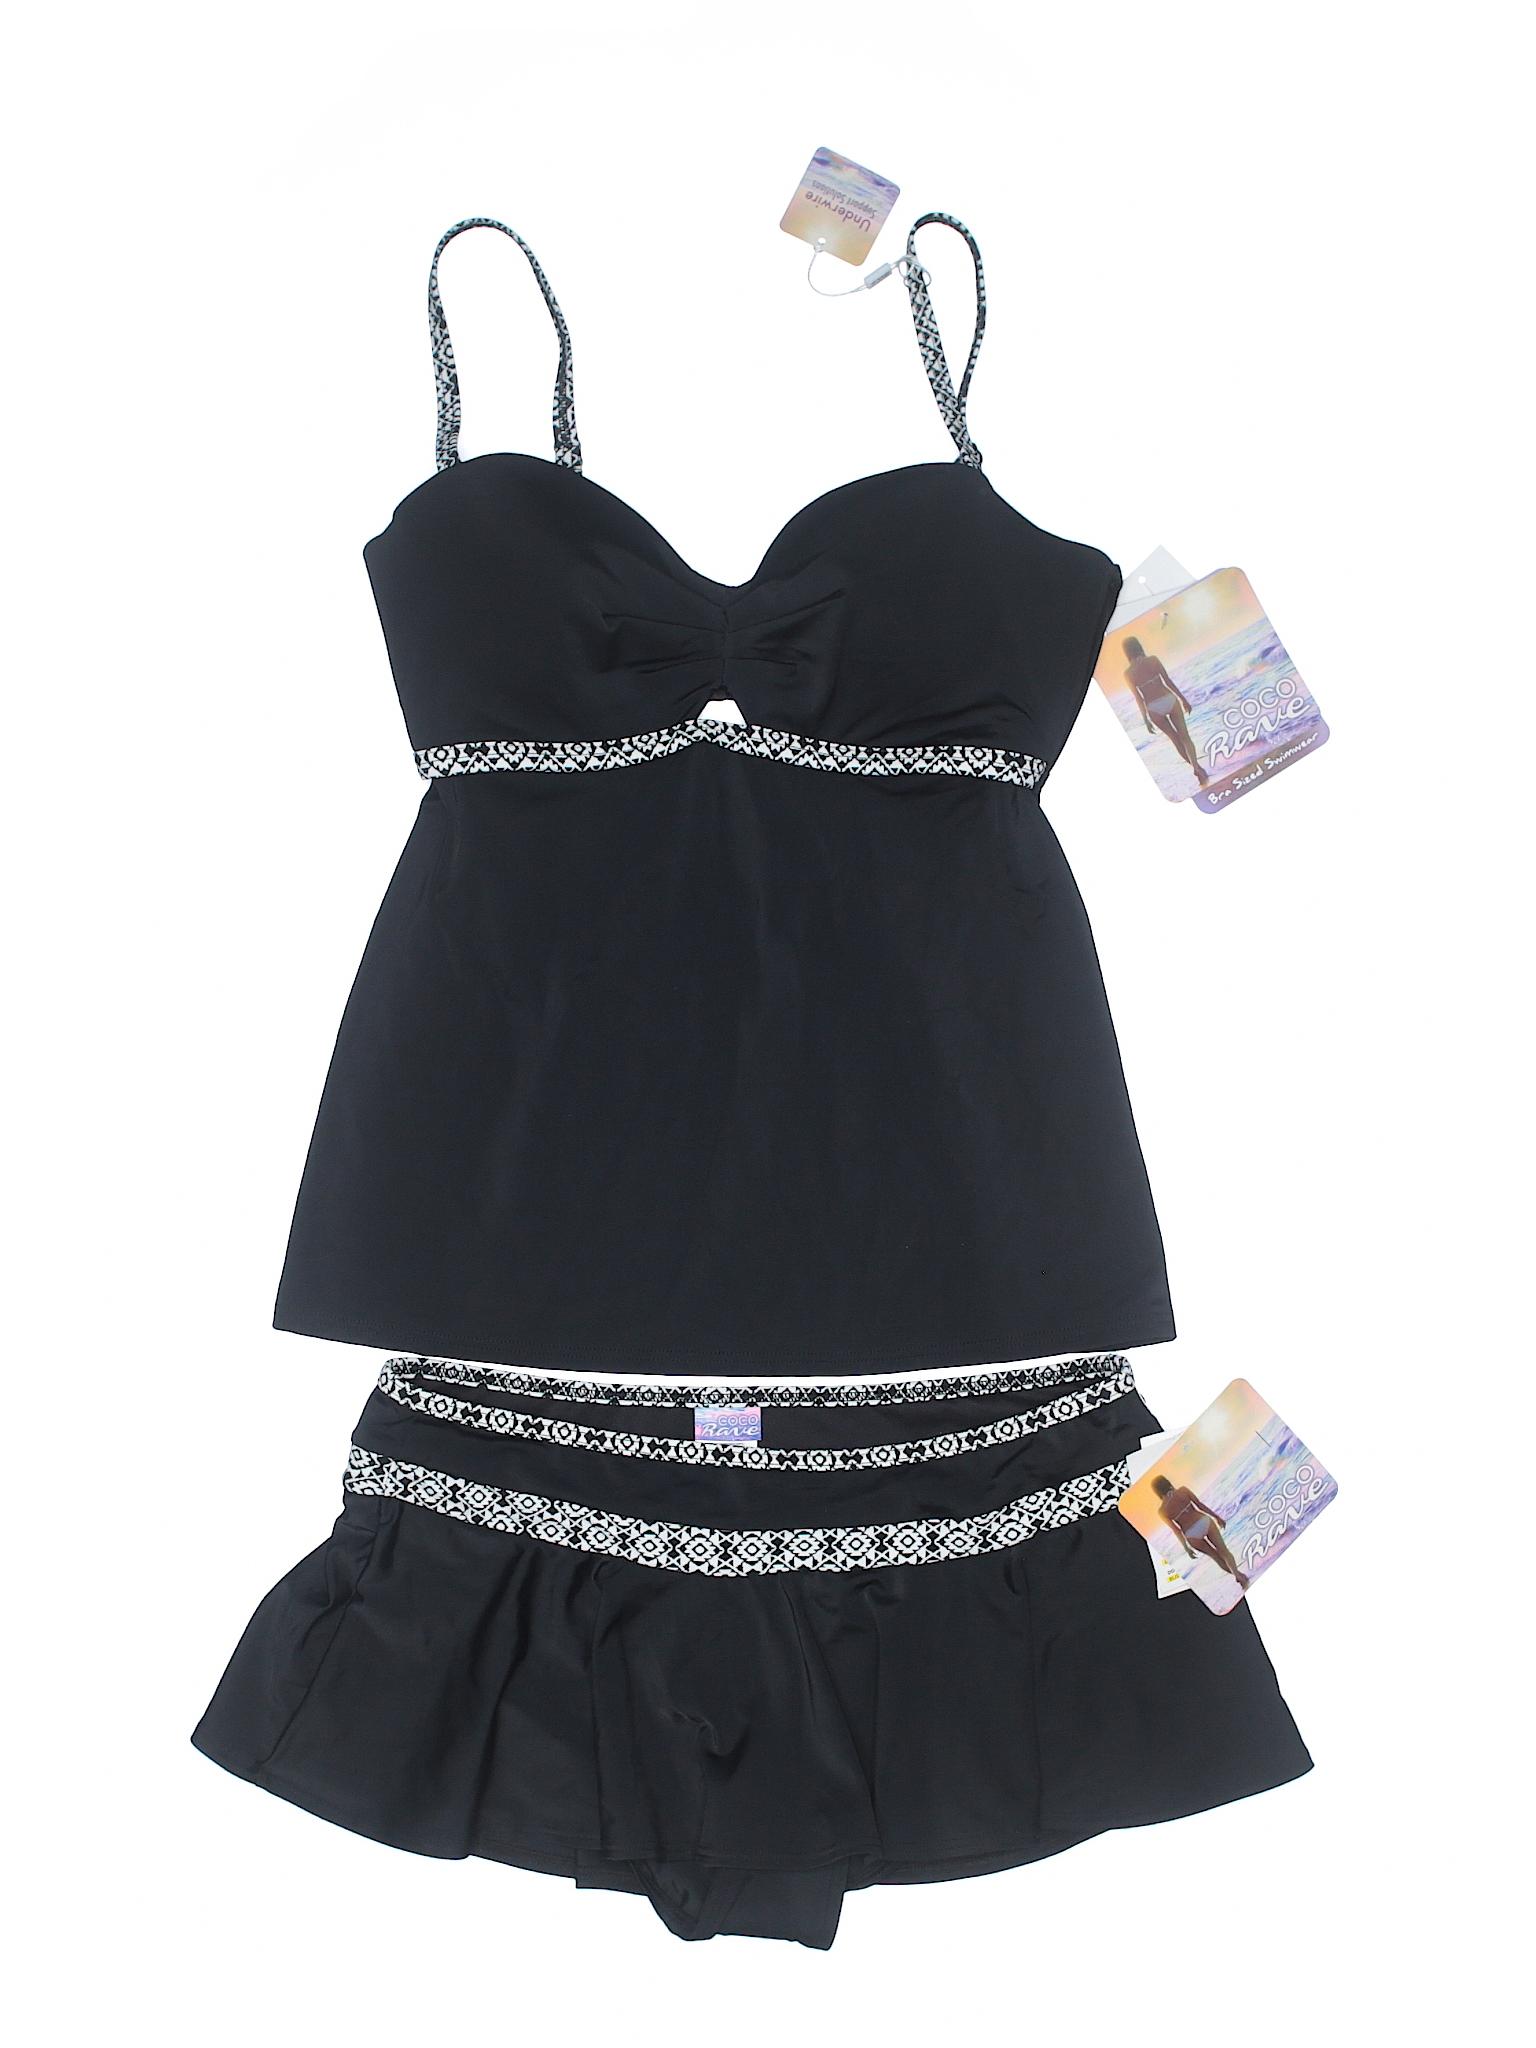 Boutique Piece Two Swimsuit Rave Coco rC7Pwqr